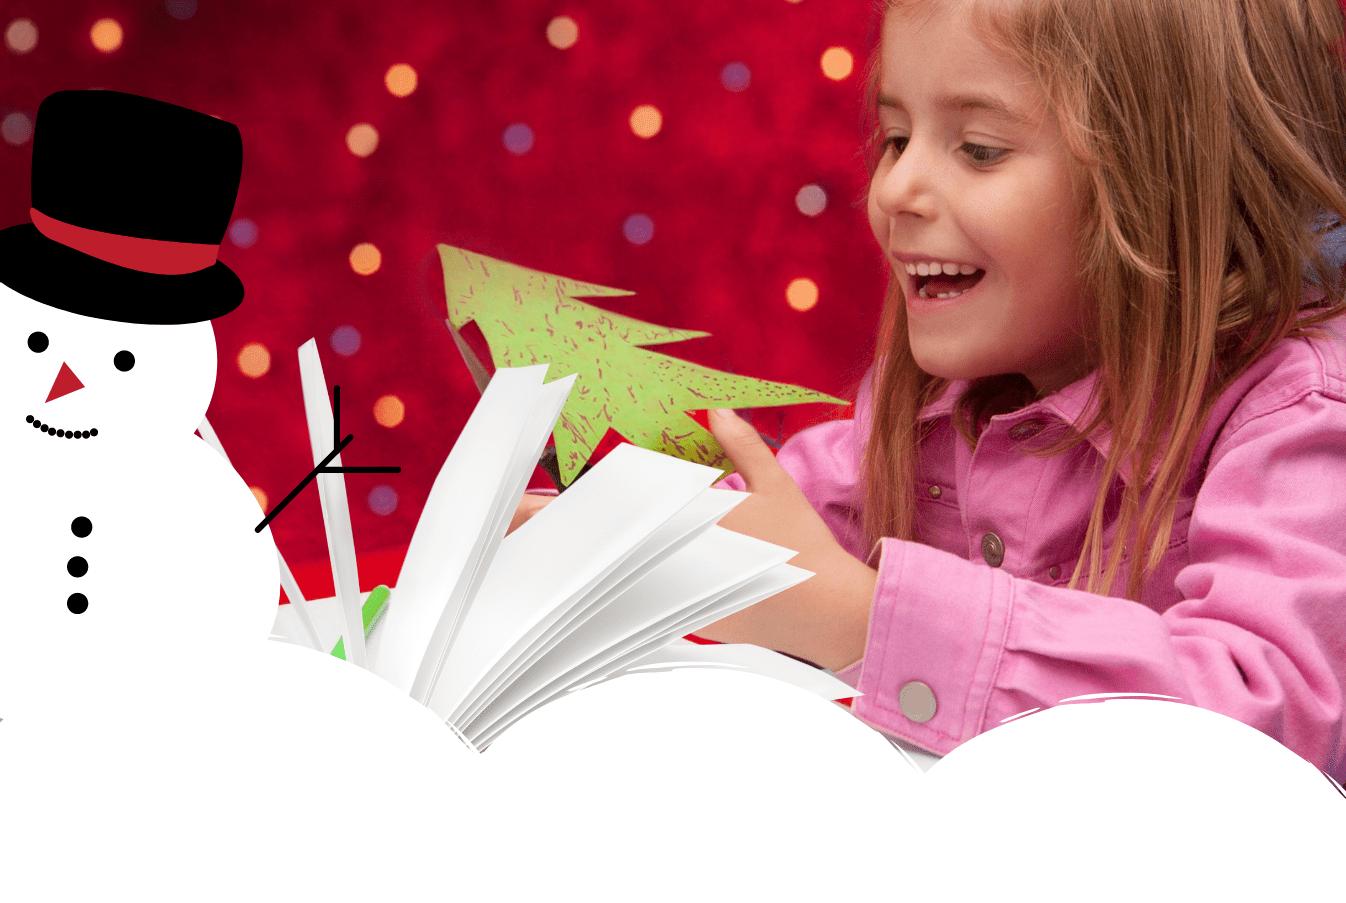 Świąteczne zakładki do książek do wydruku za darmo - pomysł na prezent na Boże Narodzenie